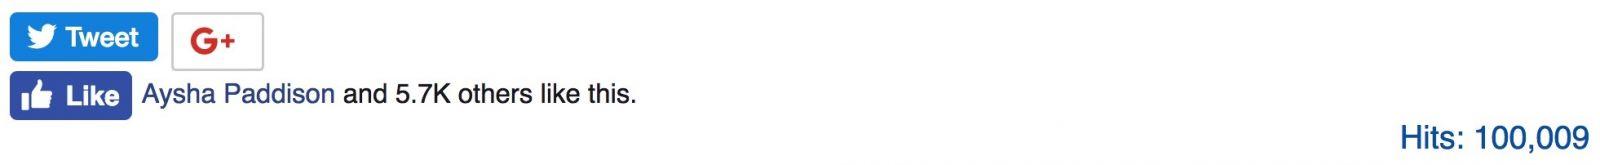 Дэвид Уилкок - Потрясающие новые брифинги: Массовые обвинения, целевые аресты и Раскрытие Часть I, раздел 2 387_1